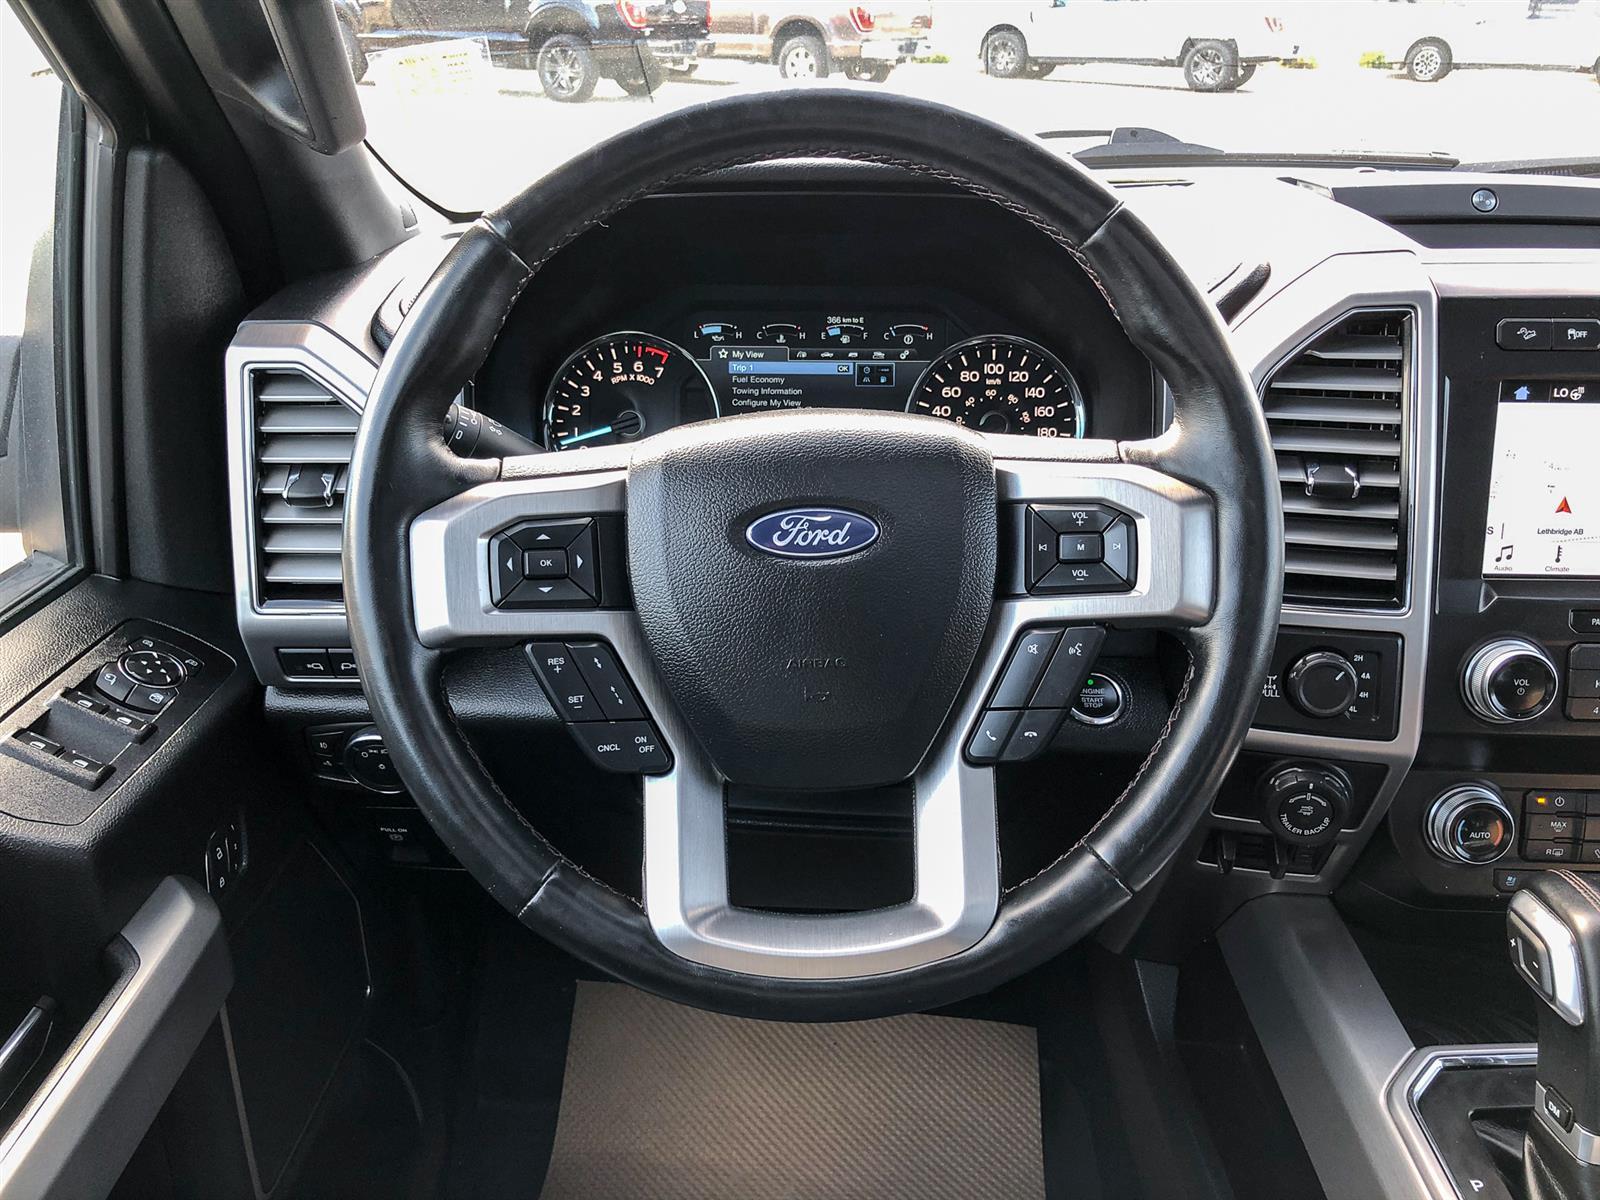 2019 Ford F-150 PLATINUM | 3.5L V6 ECOBOOST | 4X4 | NAVIGATION | FULLY LOADED